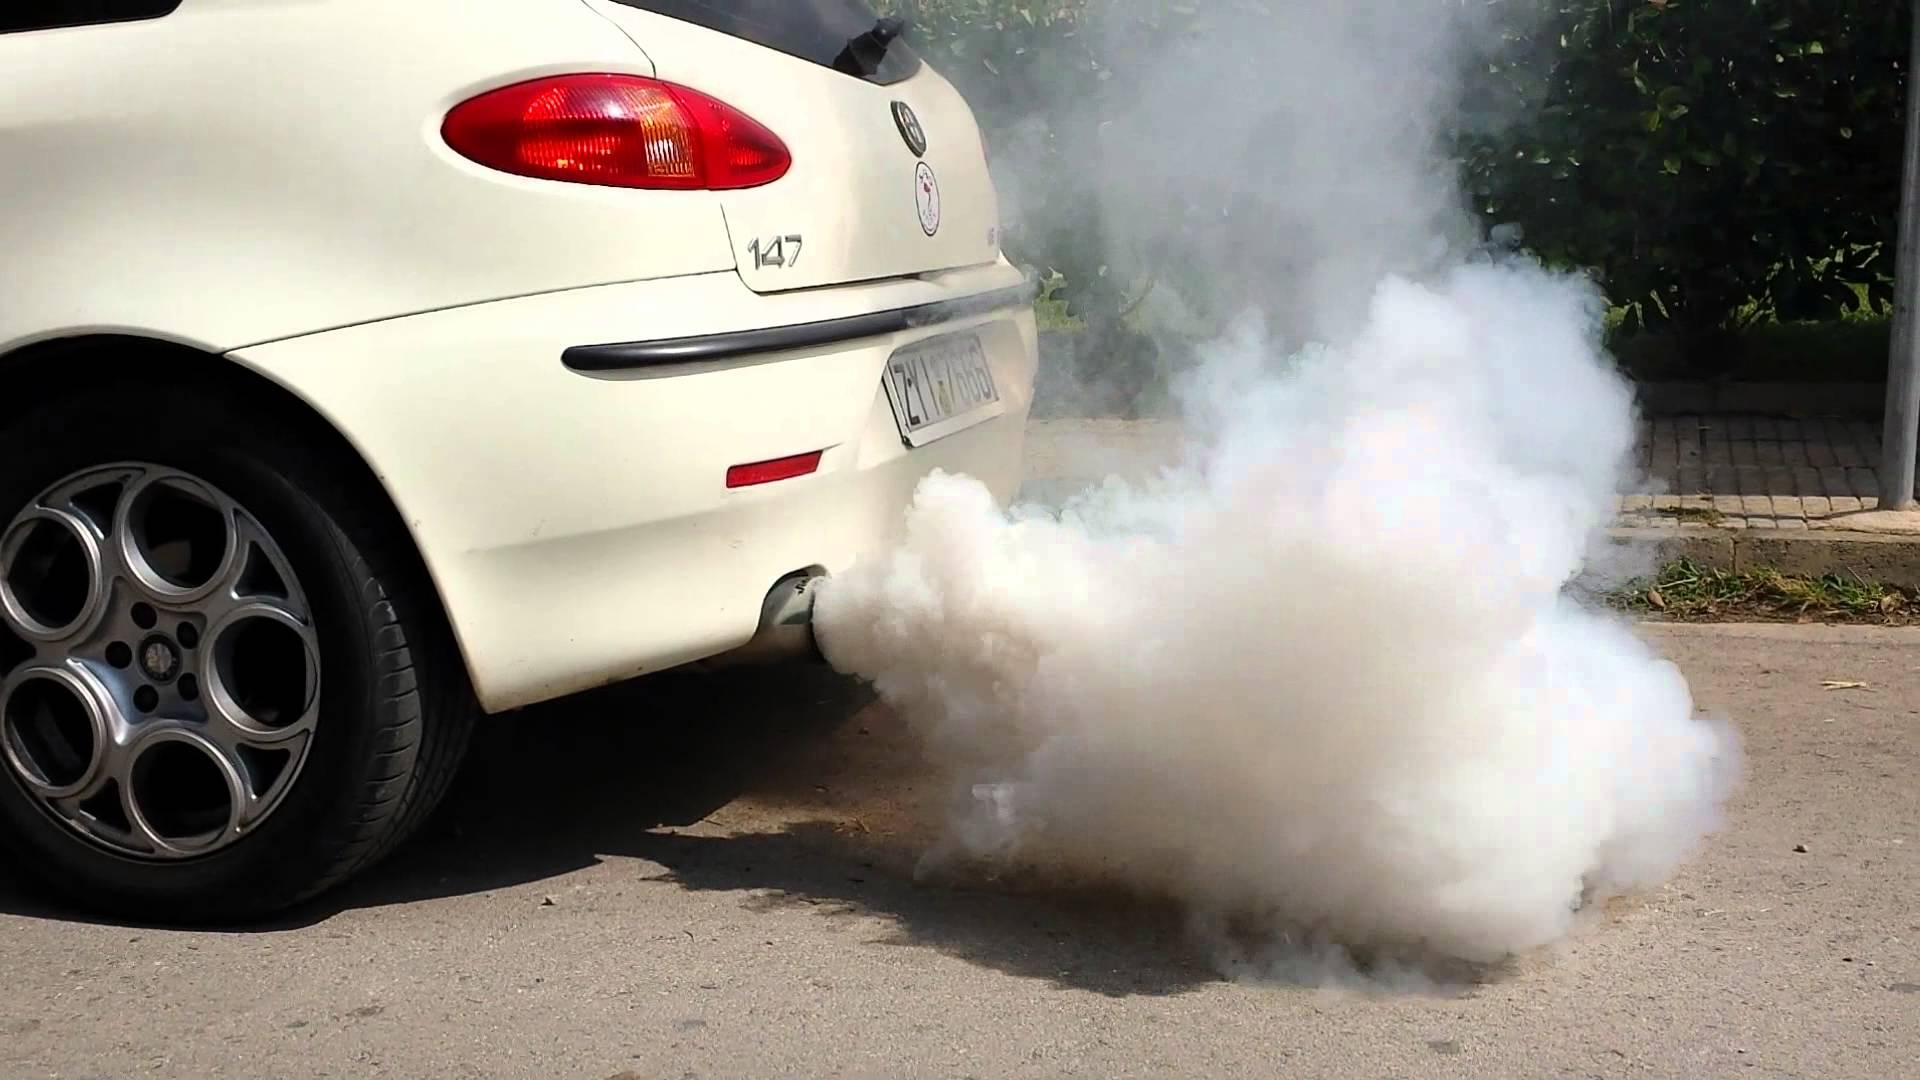 Fumo bianco dallo scarico motore diesel